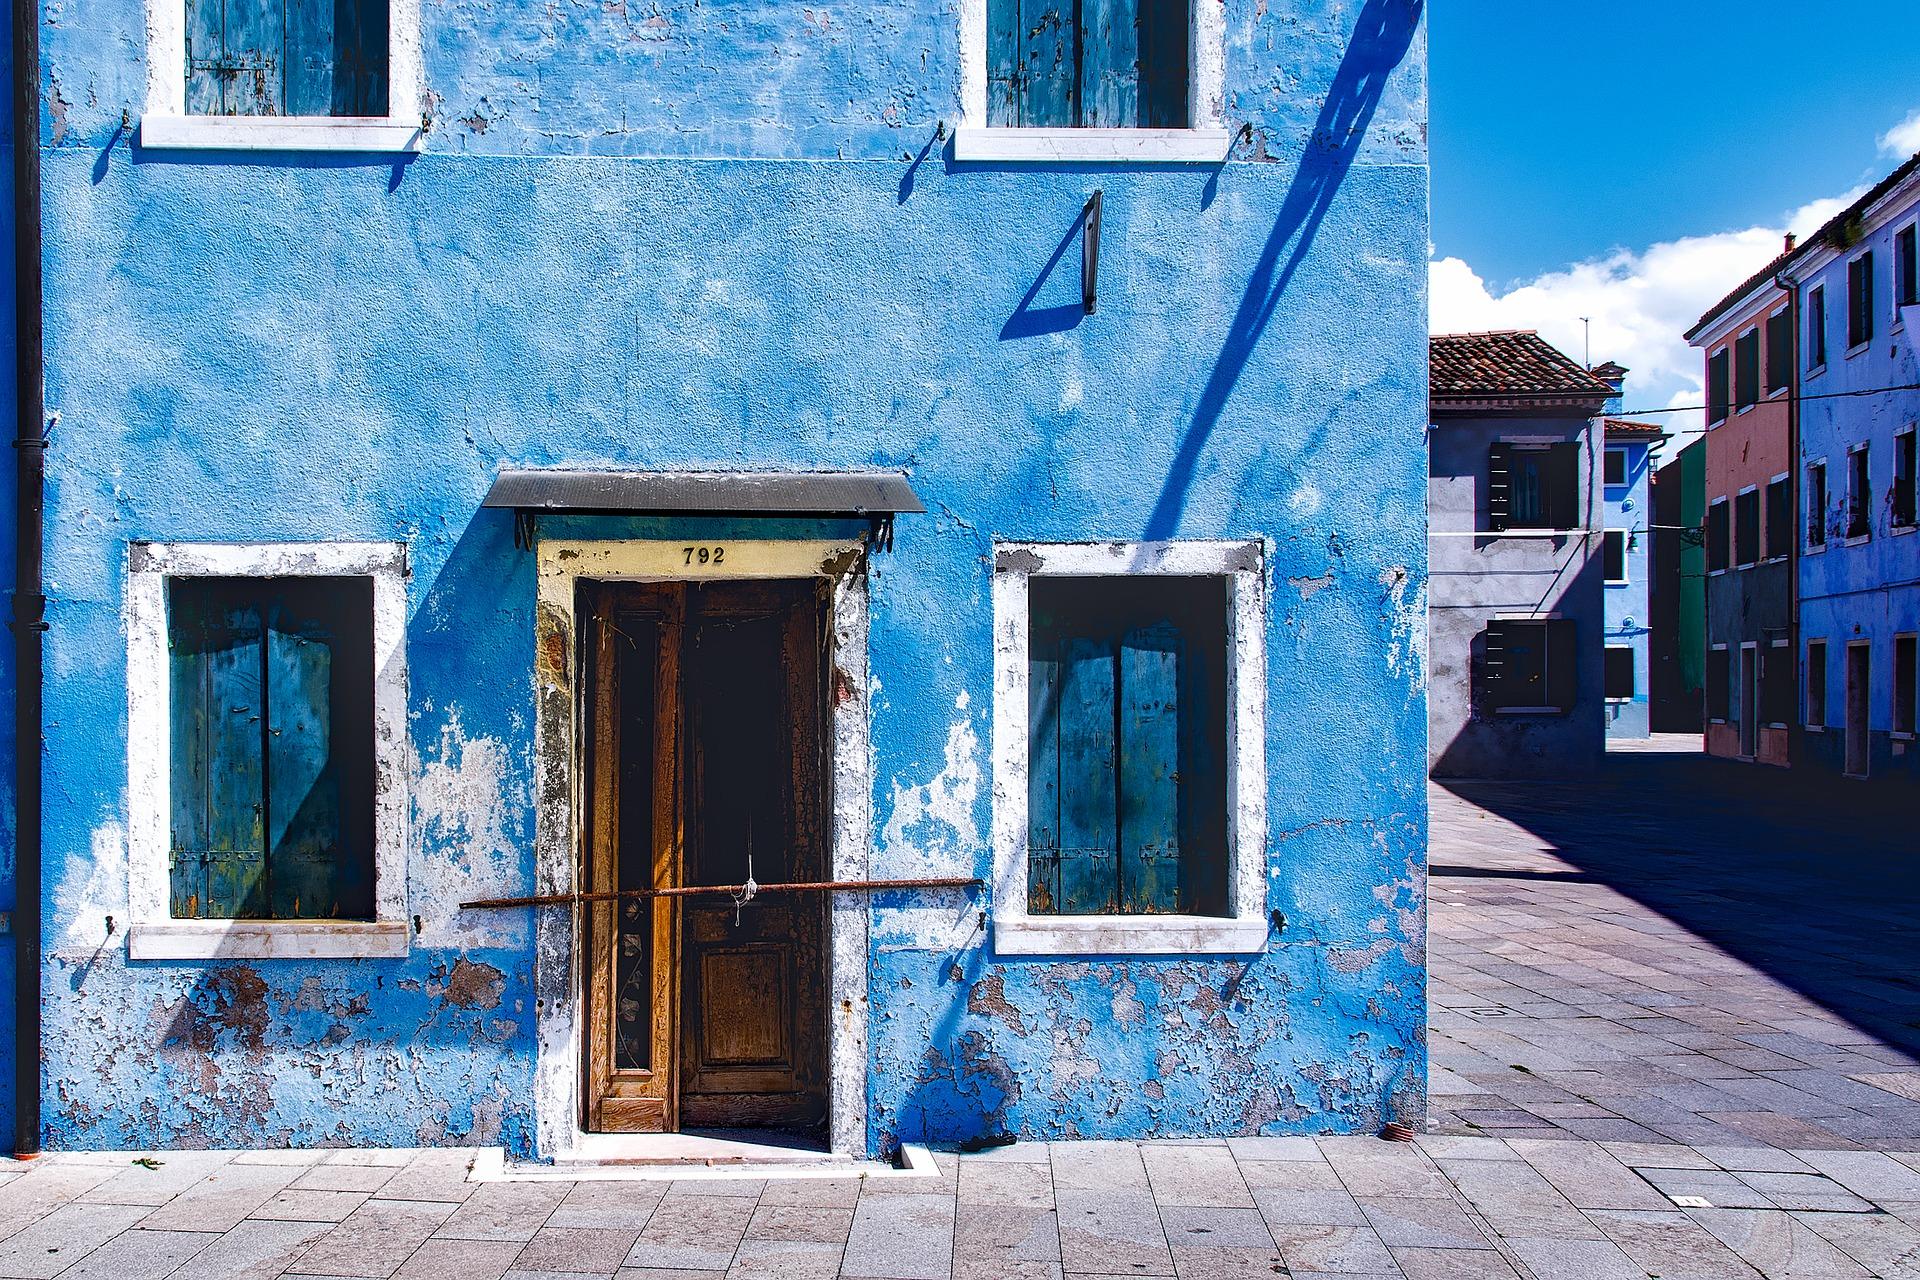 塗装業者のホームページ制作は無料でするべき?業者に依頼するべき?